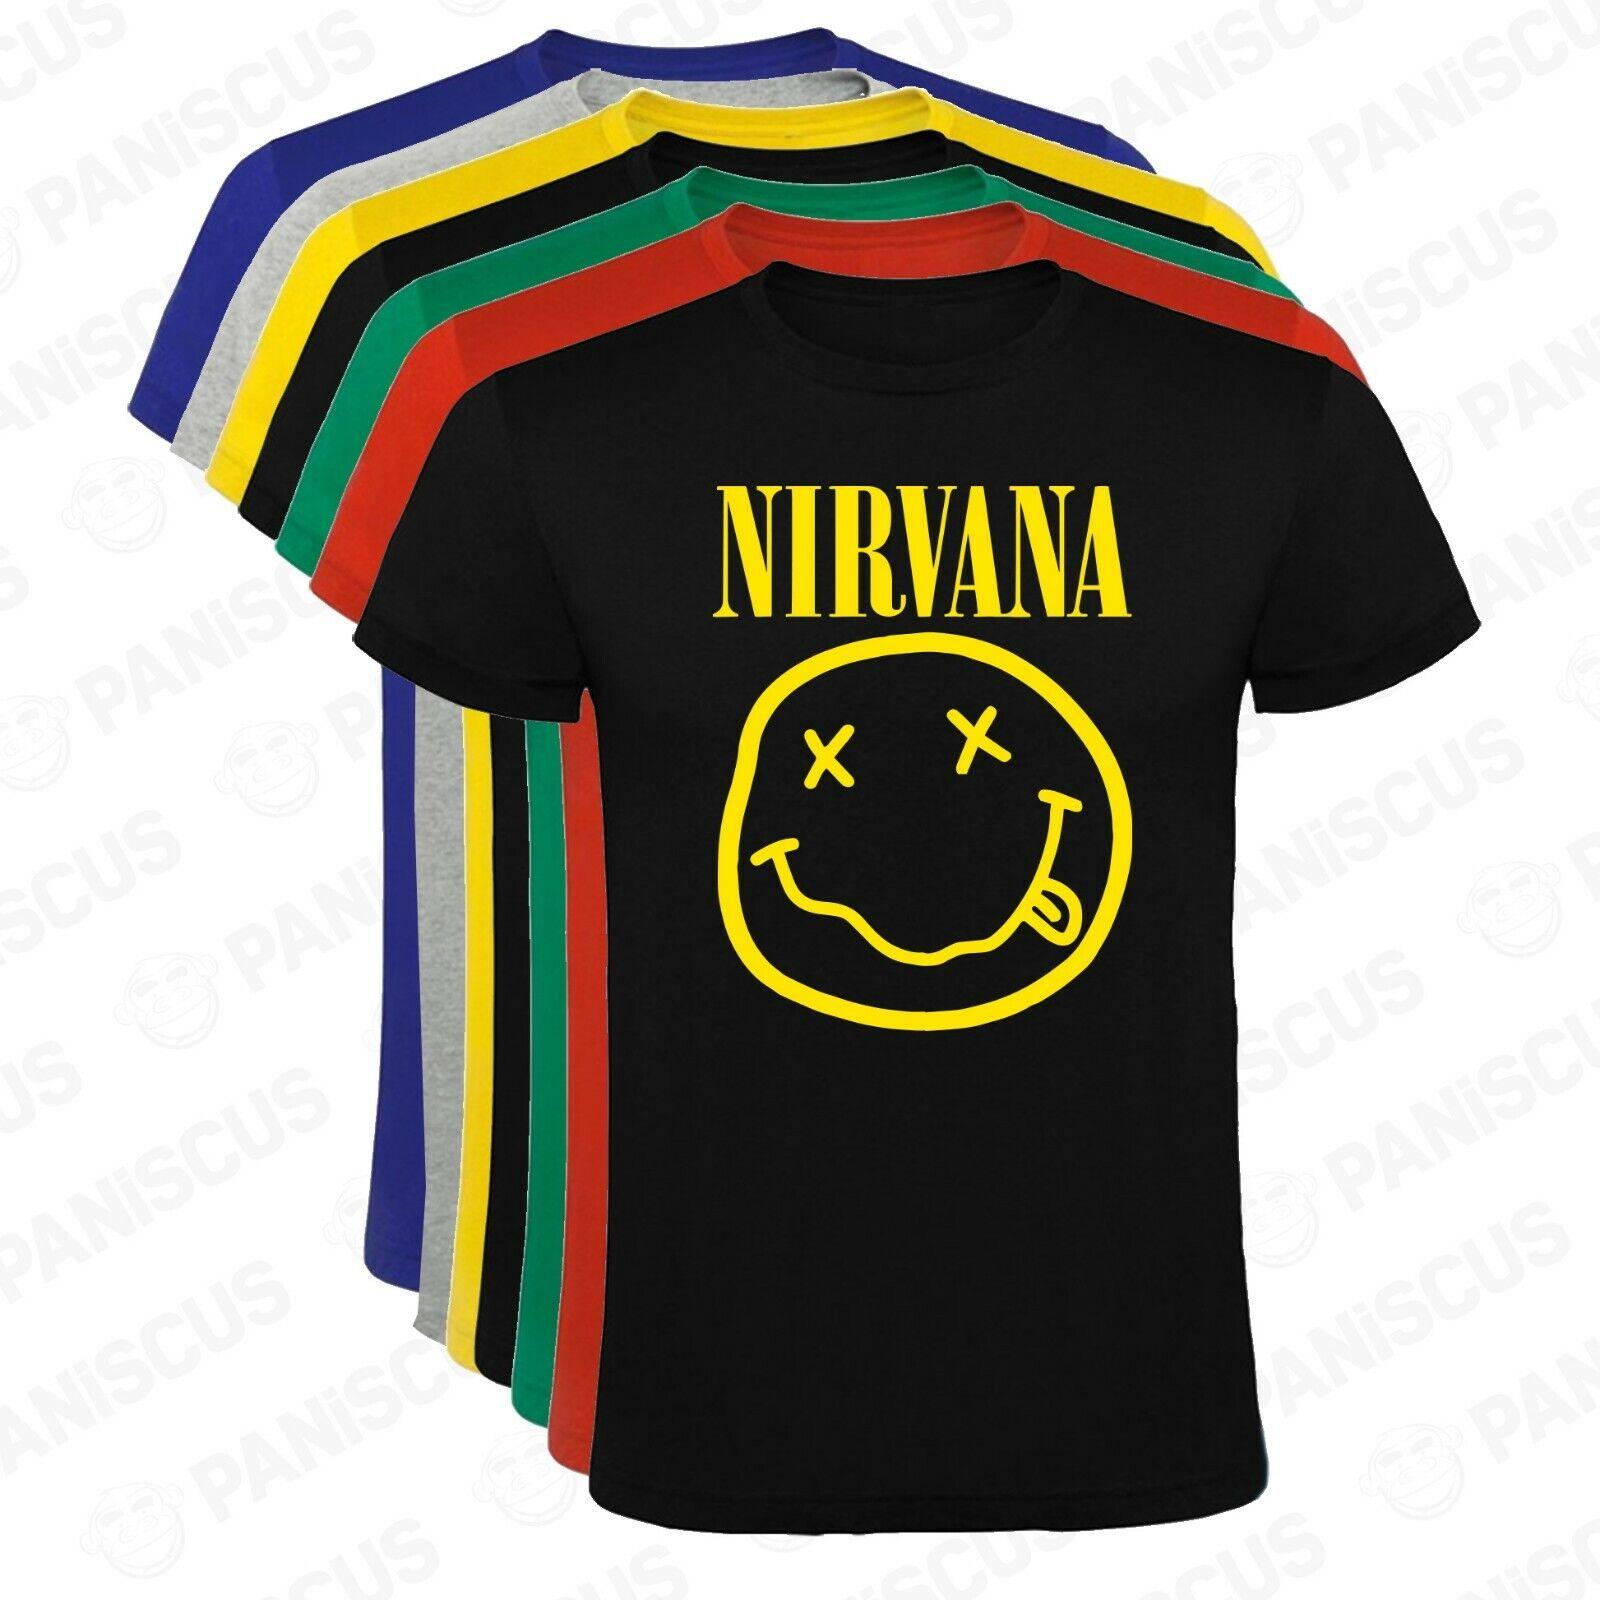 Camiseta hombre Nirvana logo clasico tallas y colores